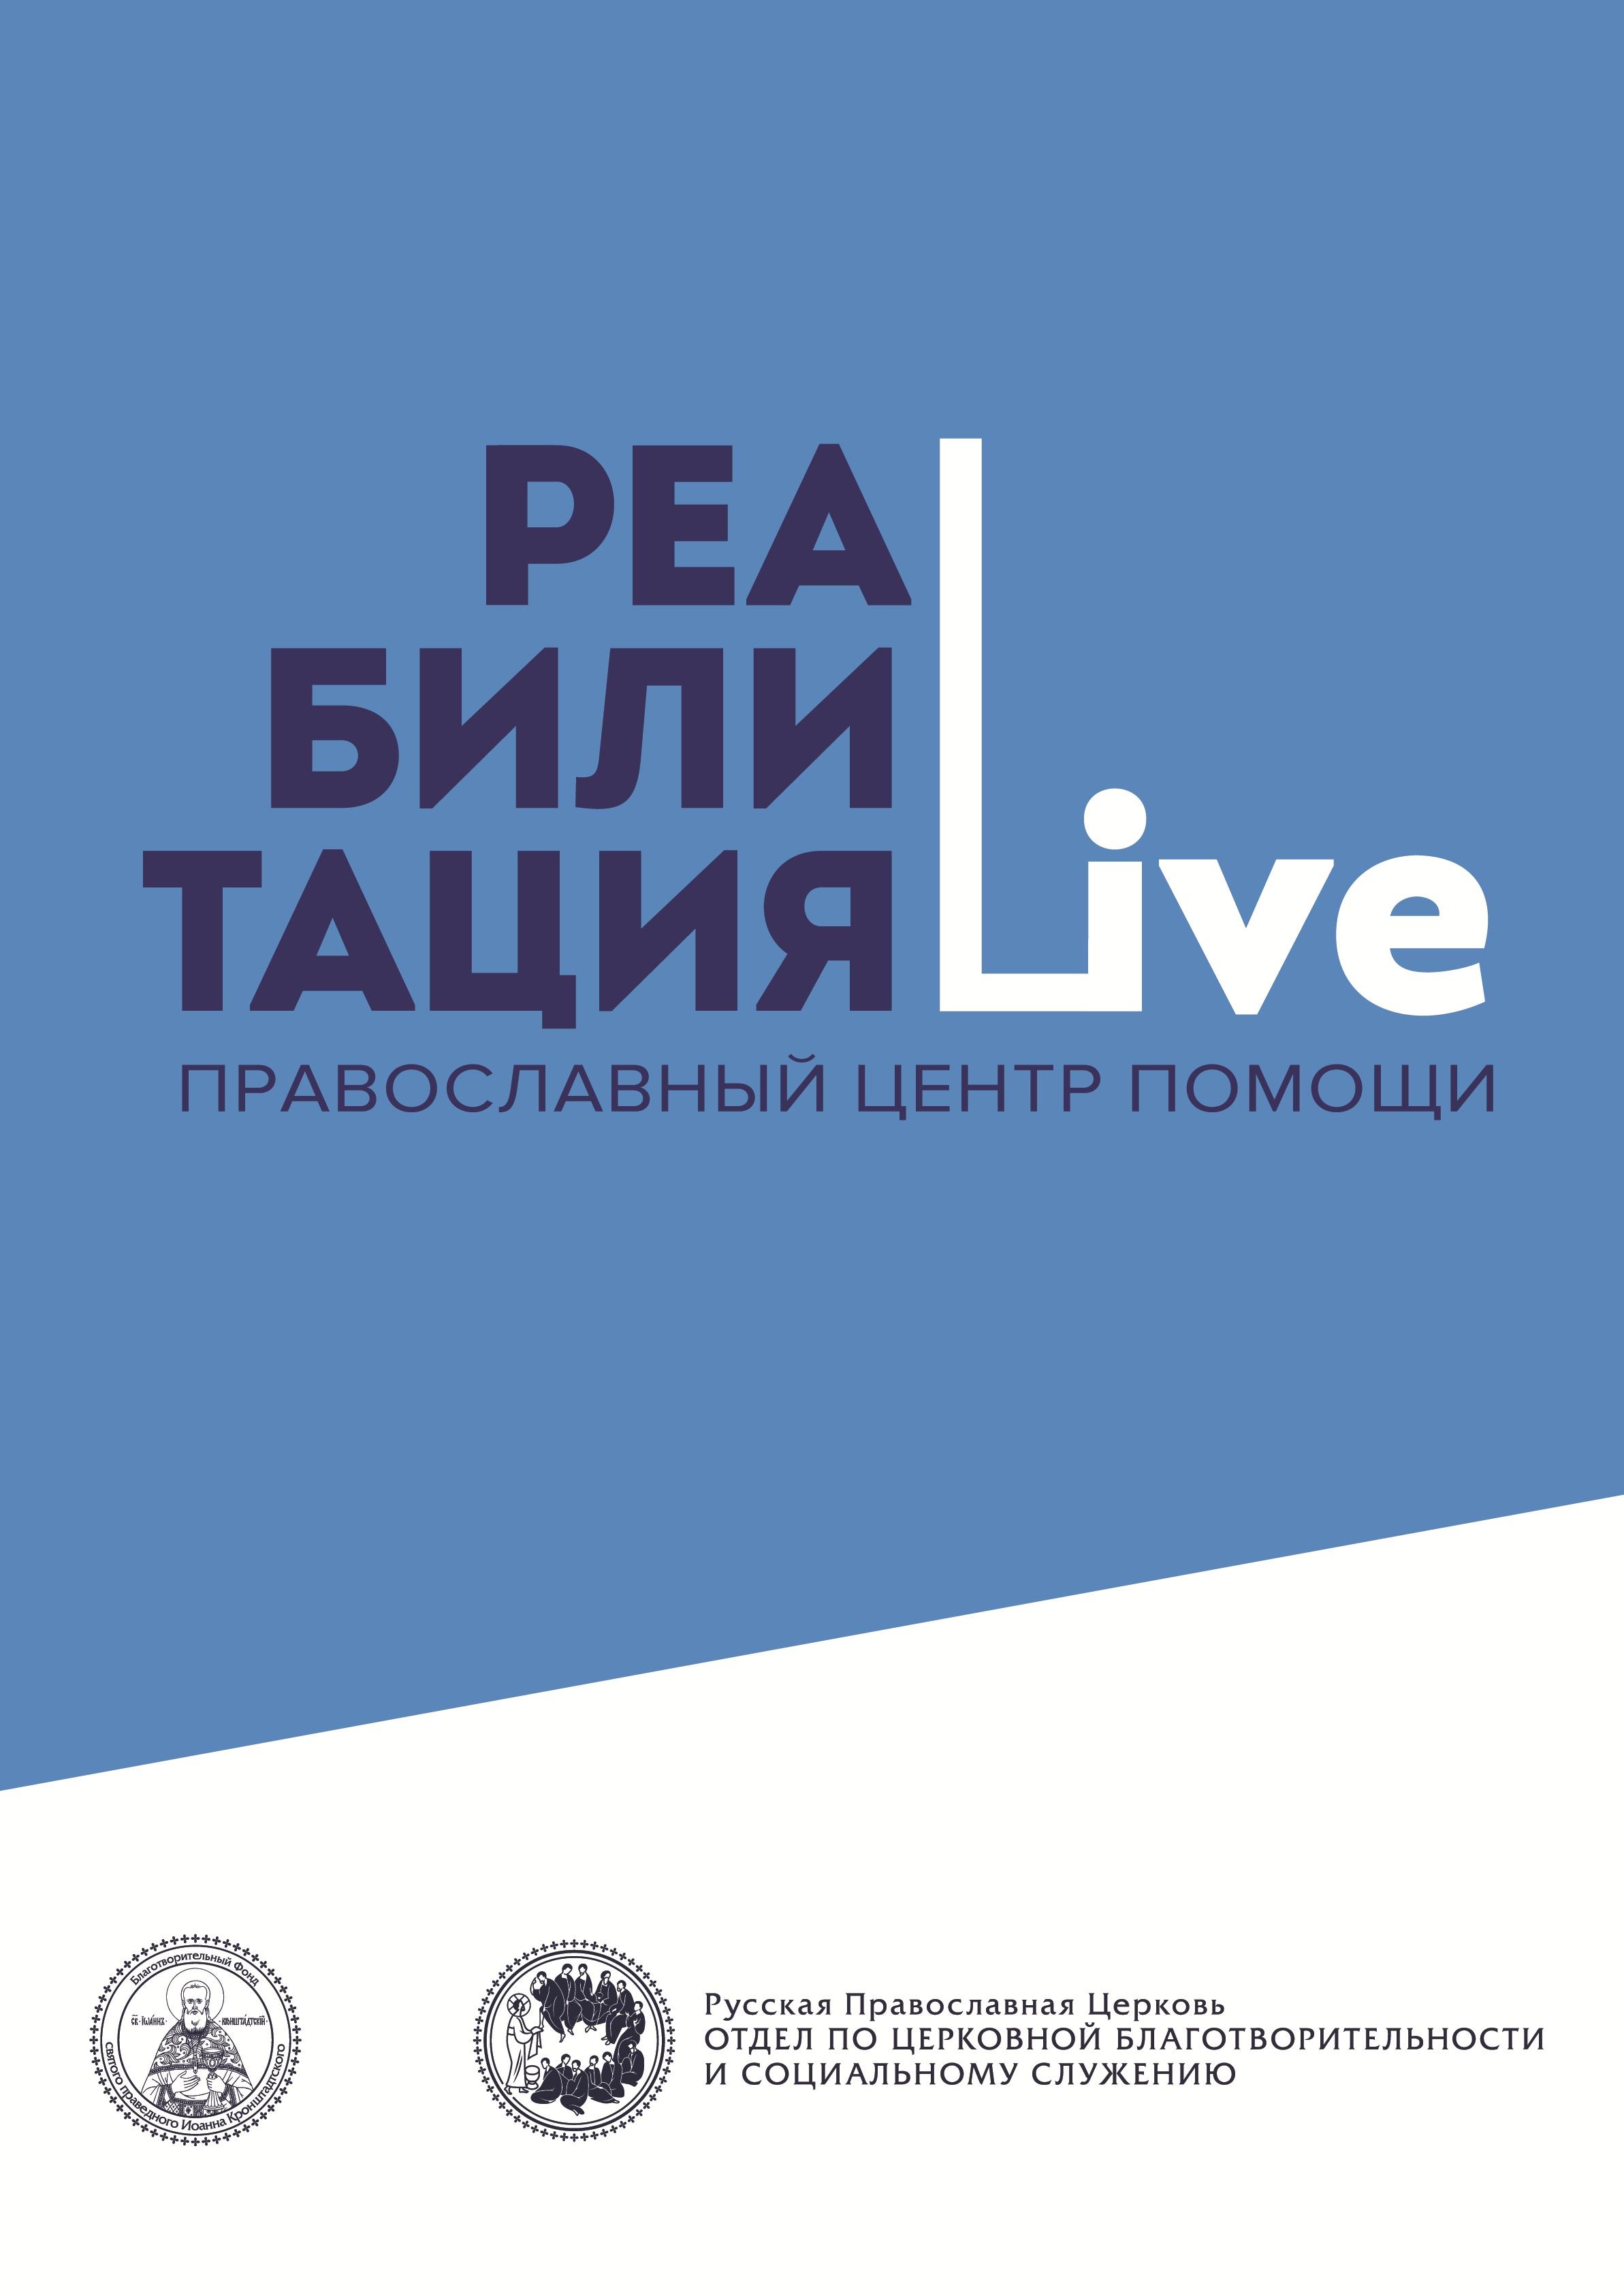 Православный центр помощи «Реабилитация. Live» готовится к открытию